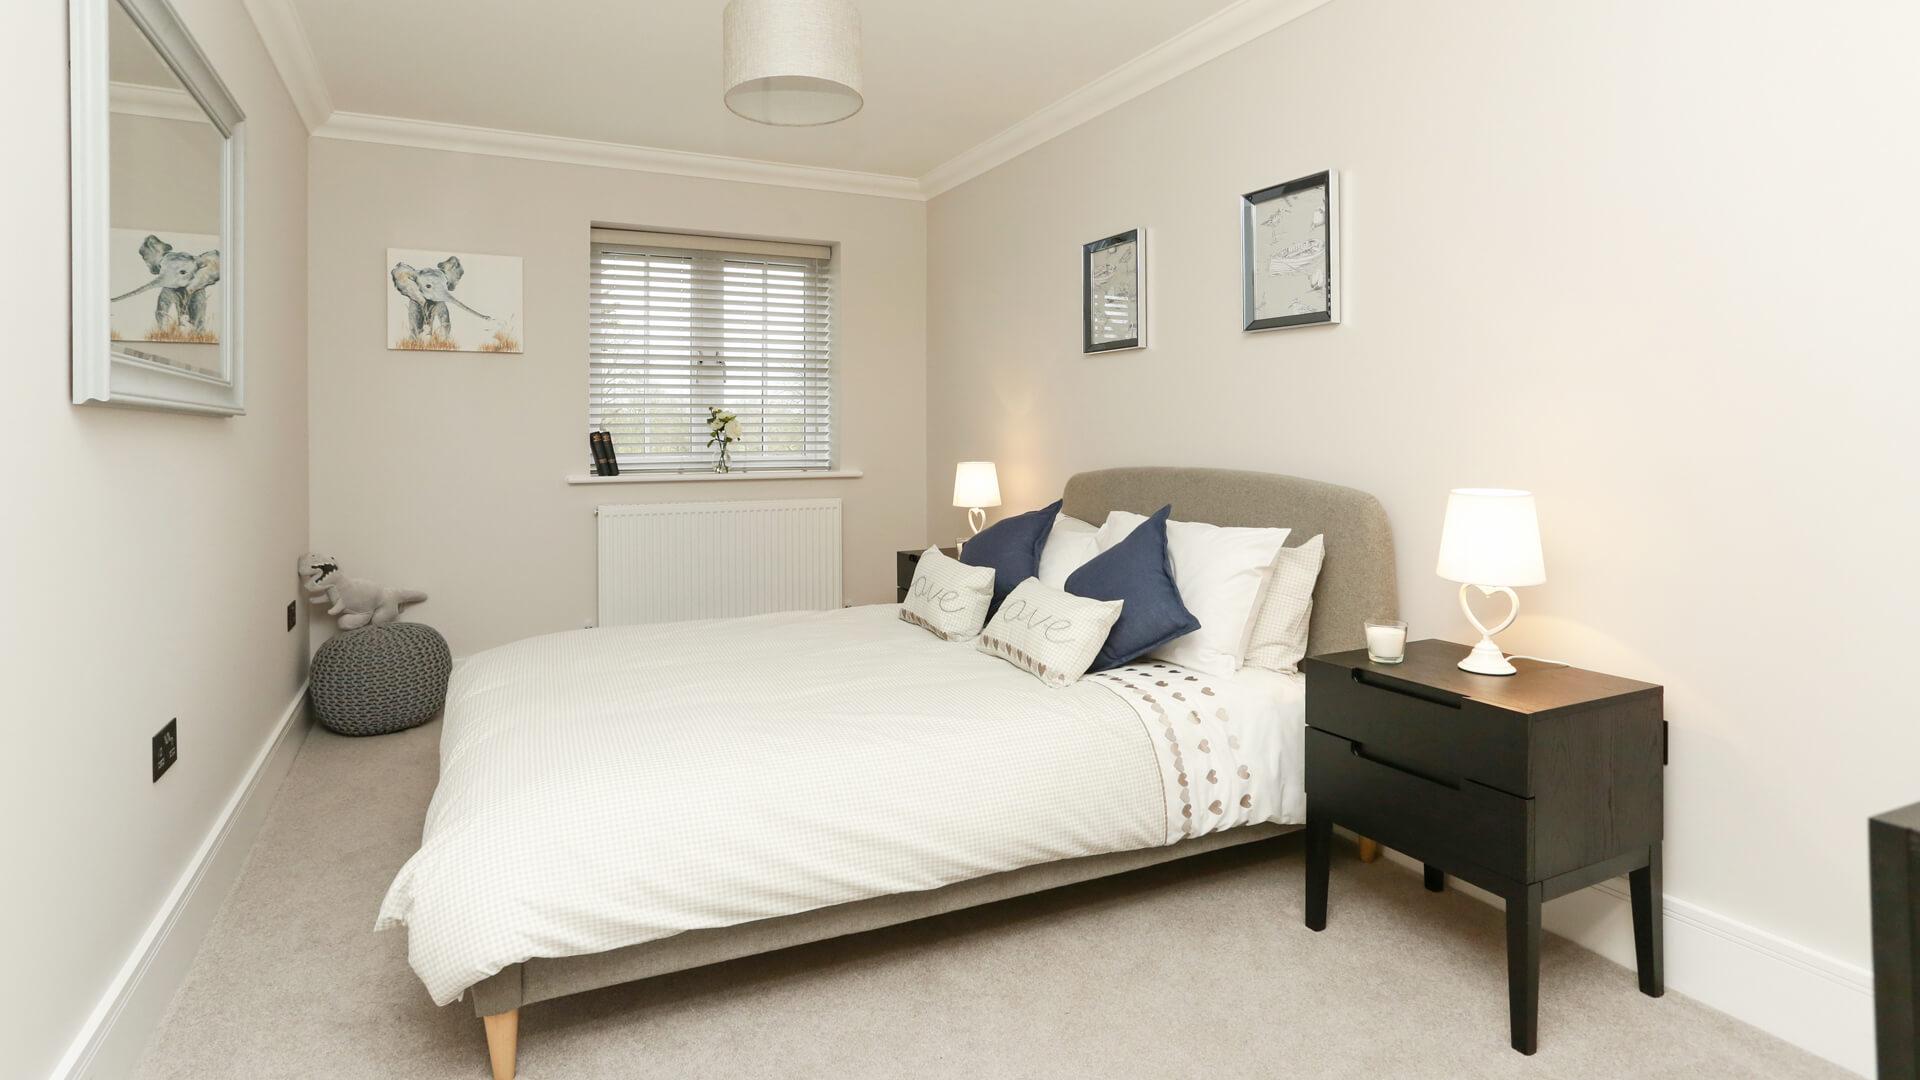 Bedroom at Weavers Park